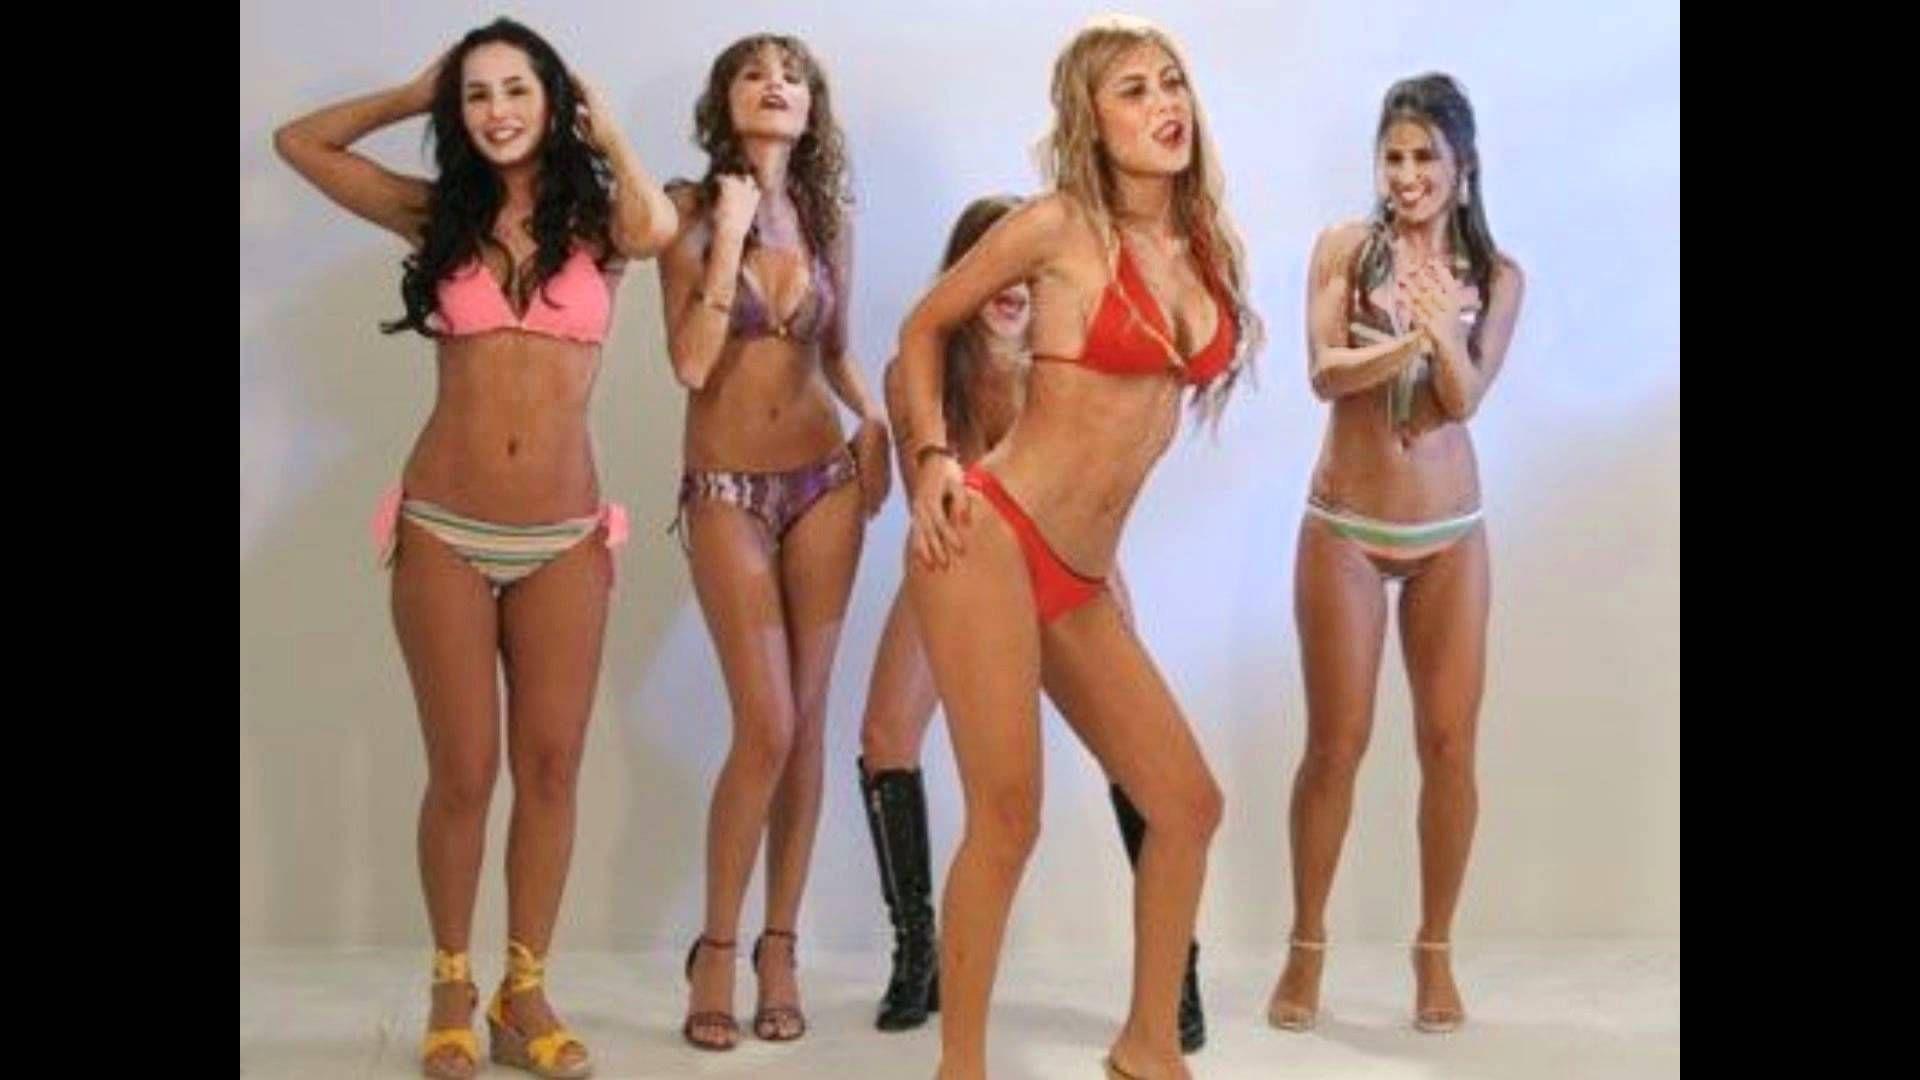 Resultado de imagen para actrices de sin senos si hay paraiso  en bikini